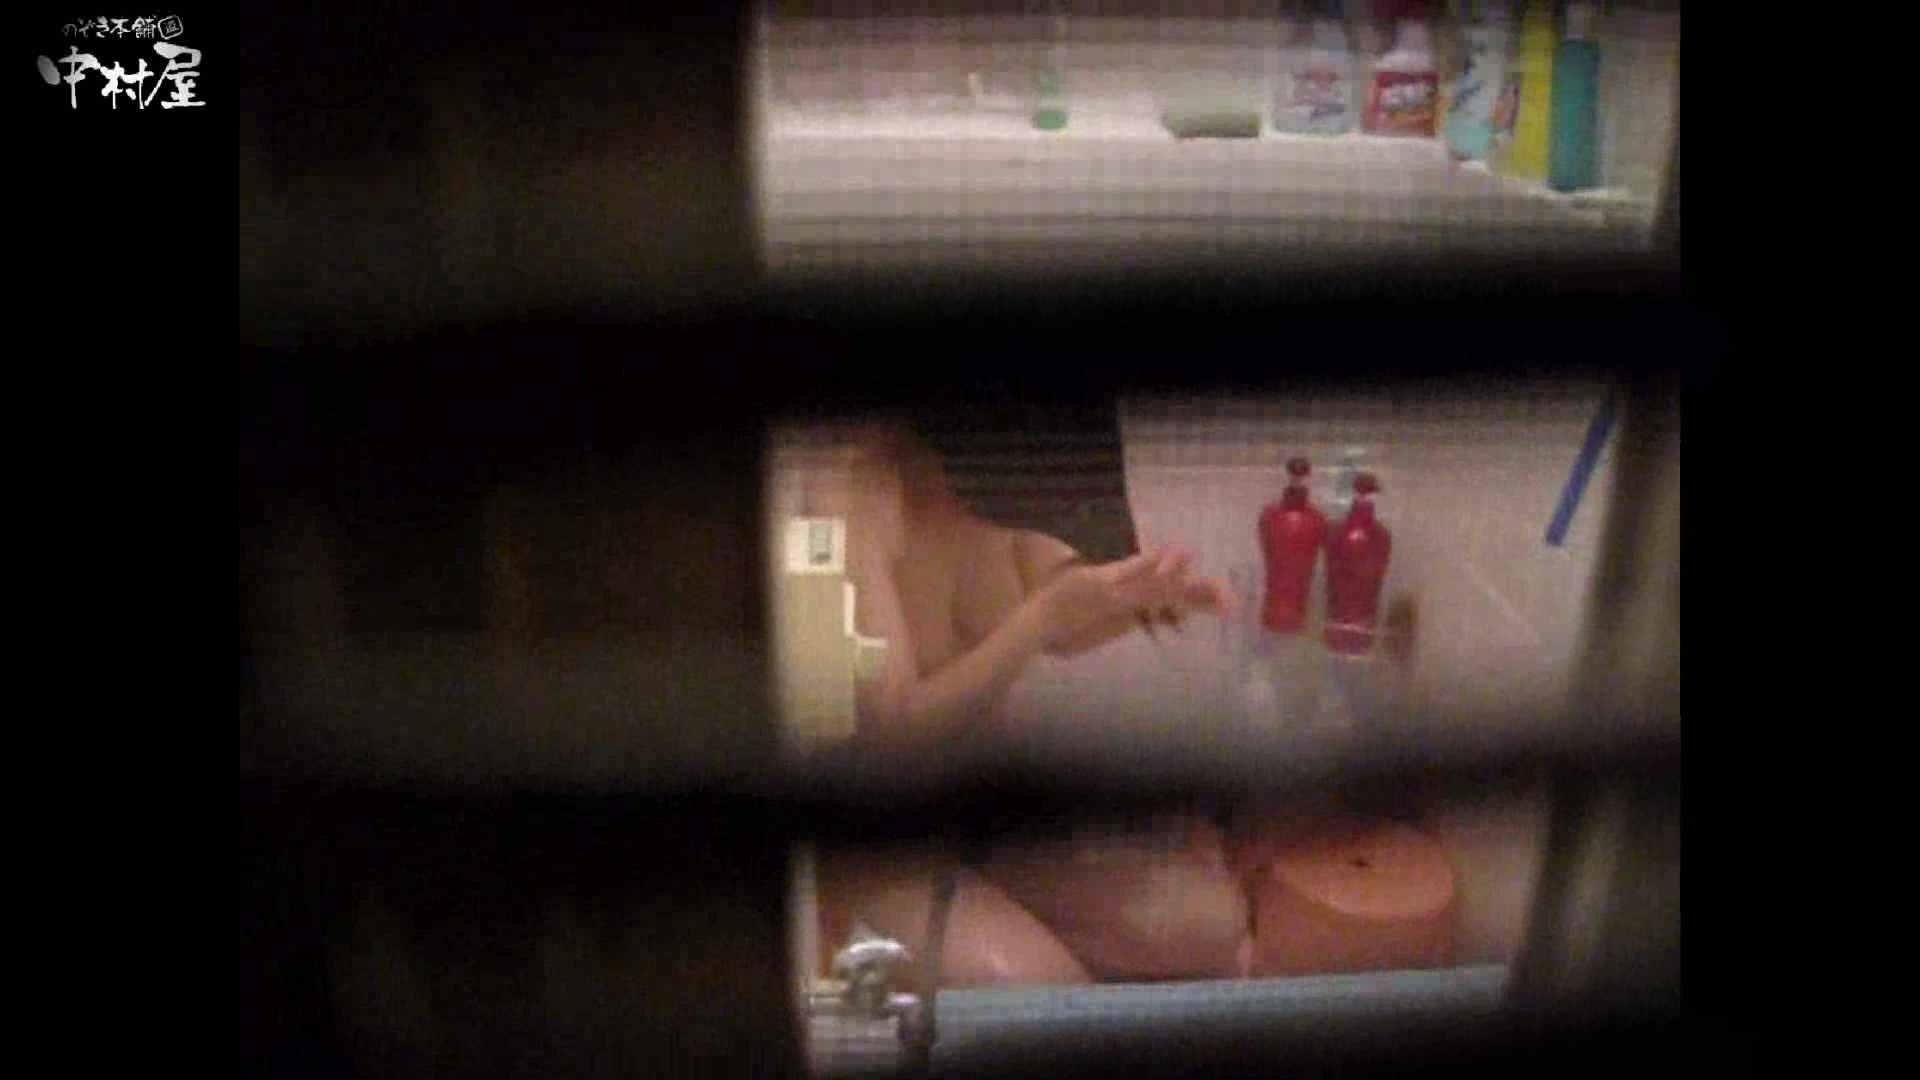 民家風呂専門盗撮師の超危険映像 vol.017 美少女エロ画像   股間満開  93PICs 7